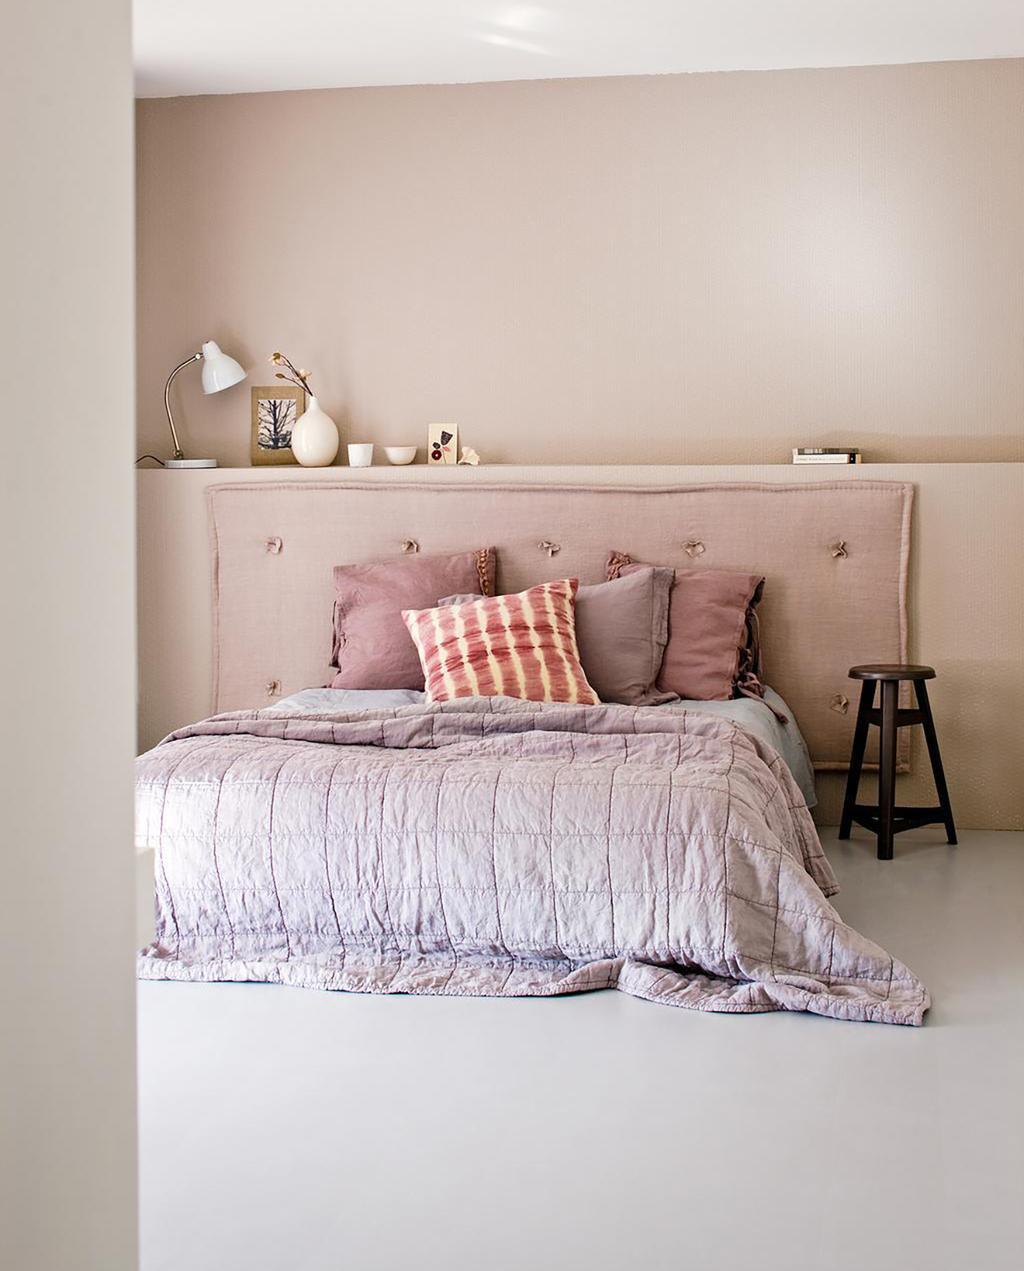 vtwonen magalogue maart 2012   roze slaapkamer met roze hoofdbord